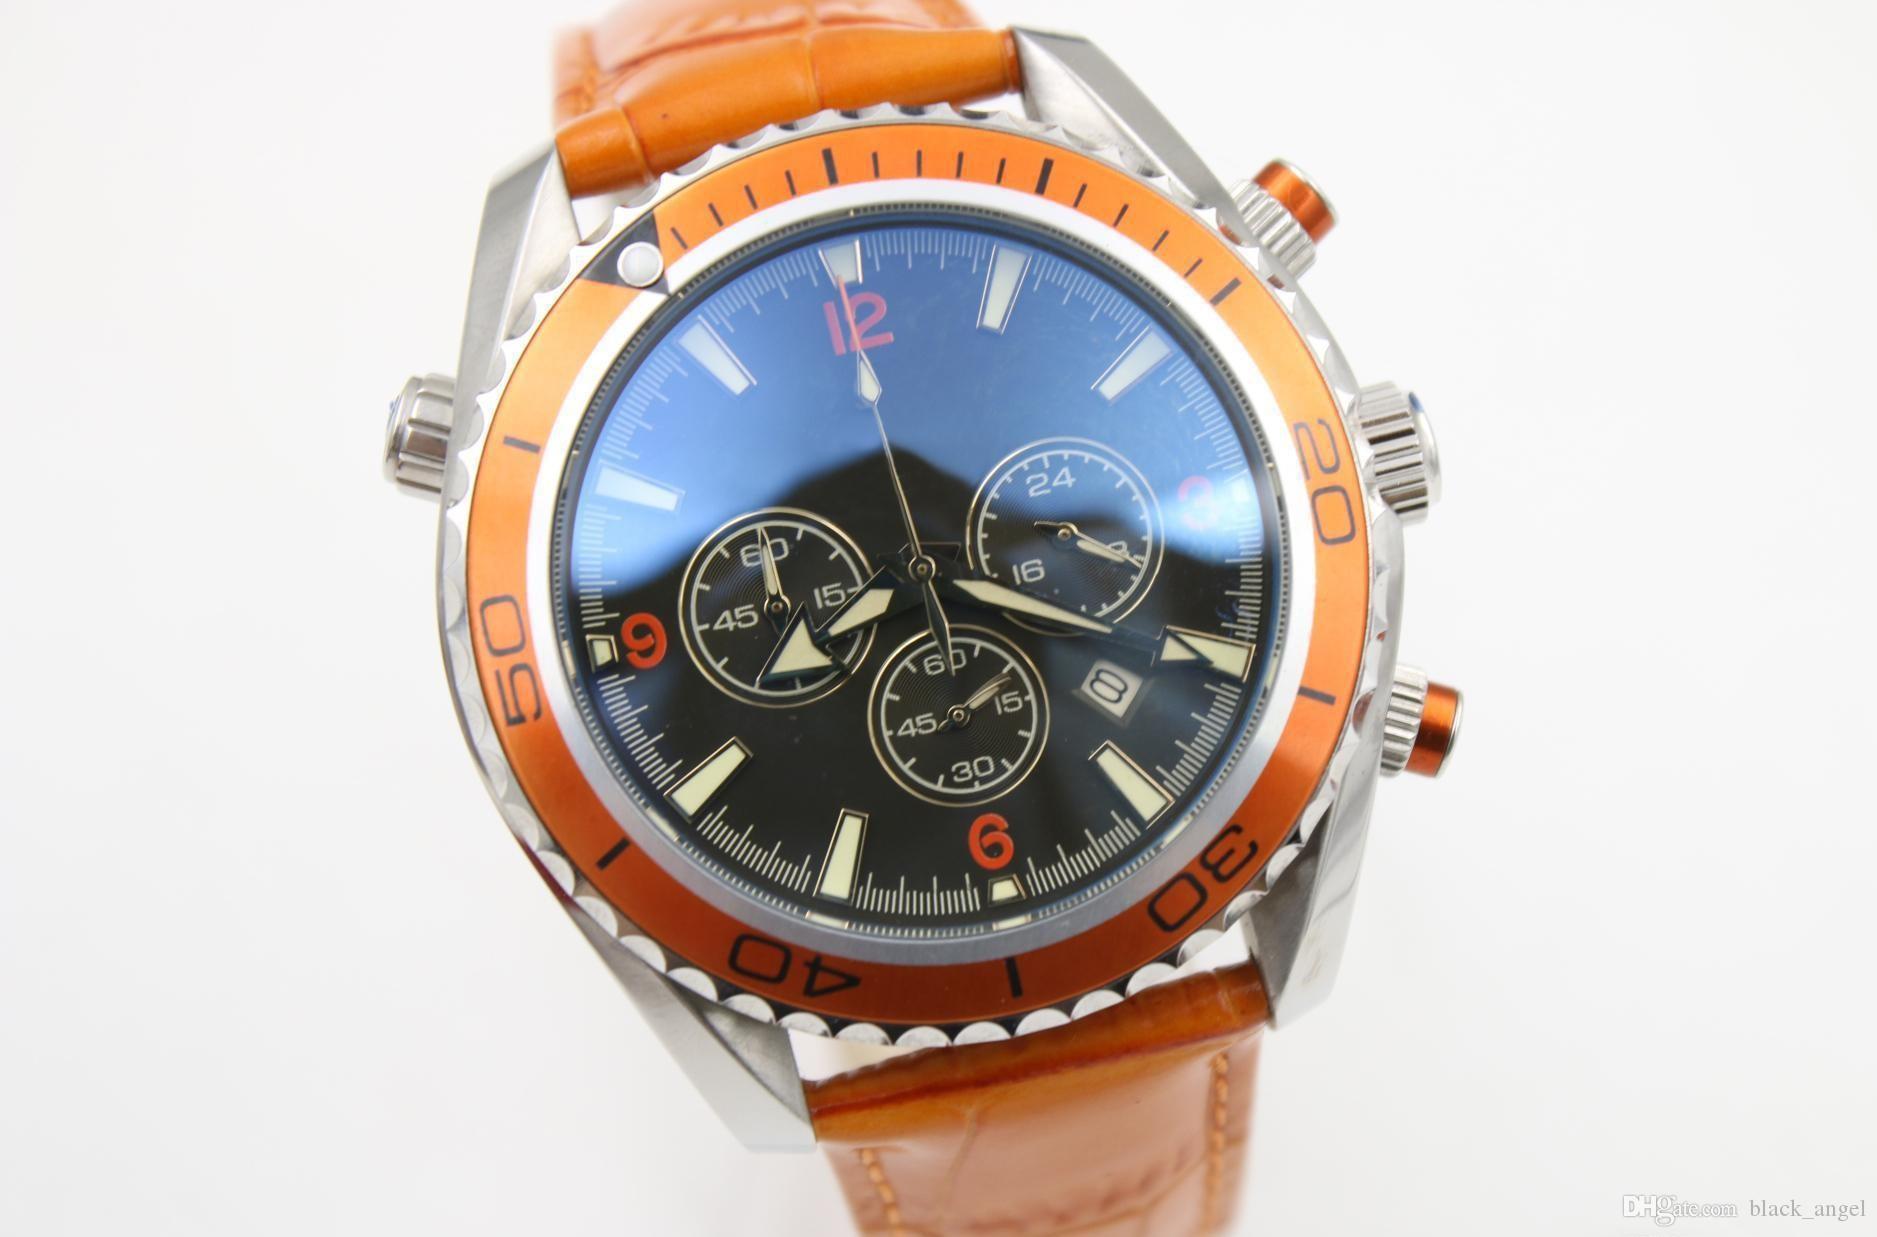 b2d674463035 Compre 2018 Vendedor Caliente Reloj Hombres Cuarzo Cronómetro Coaxial  Planeta Océano Función De Cronógrafo Reloj Naranja Cinturones De Cuero  Vestido Relojes ...